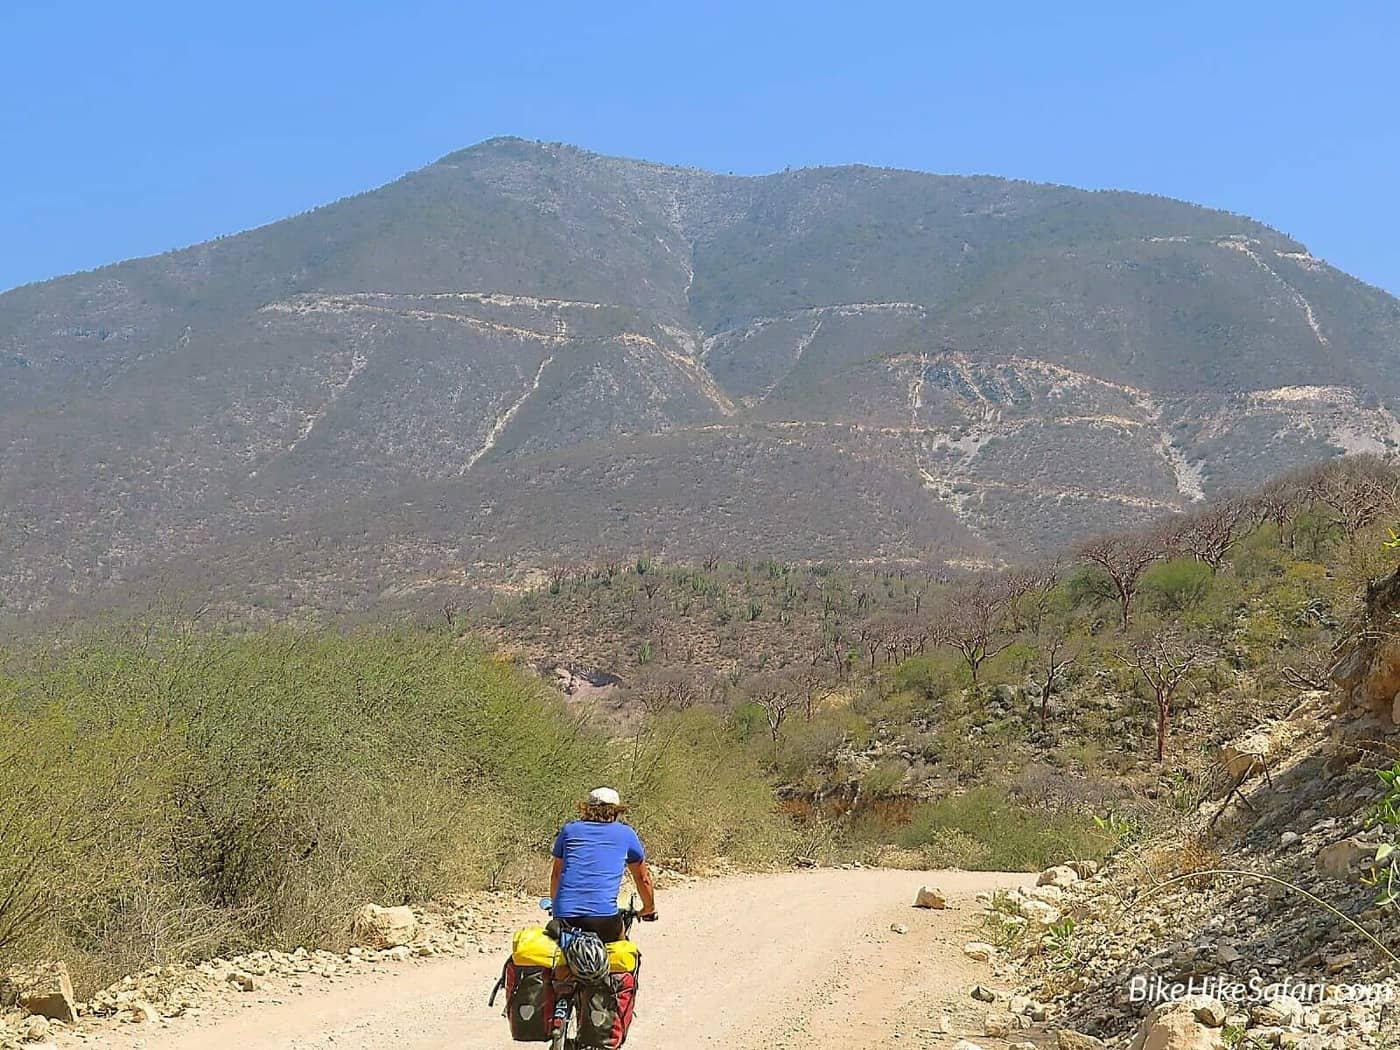 Sierra Gorda Bicycle touring